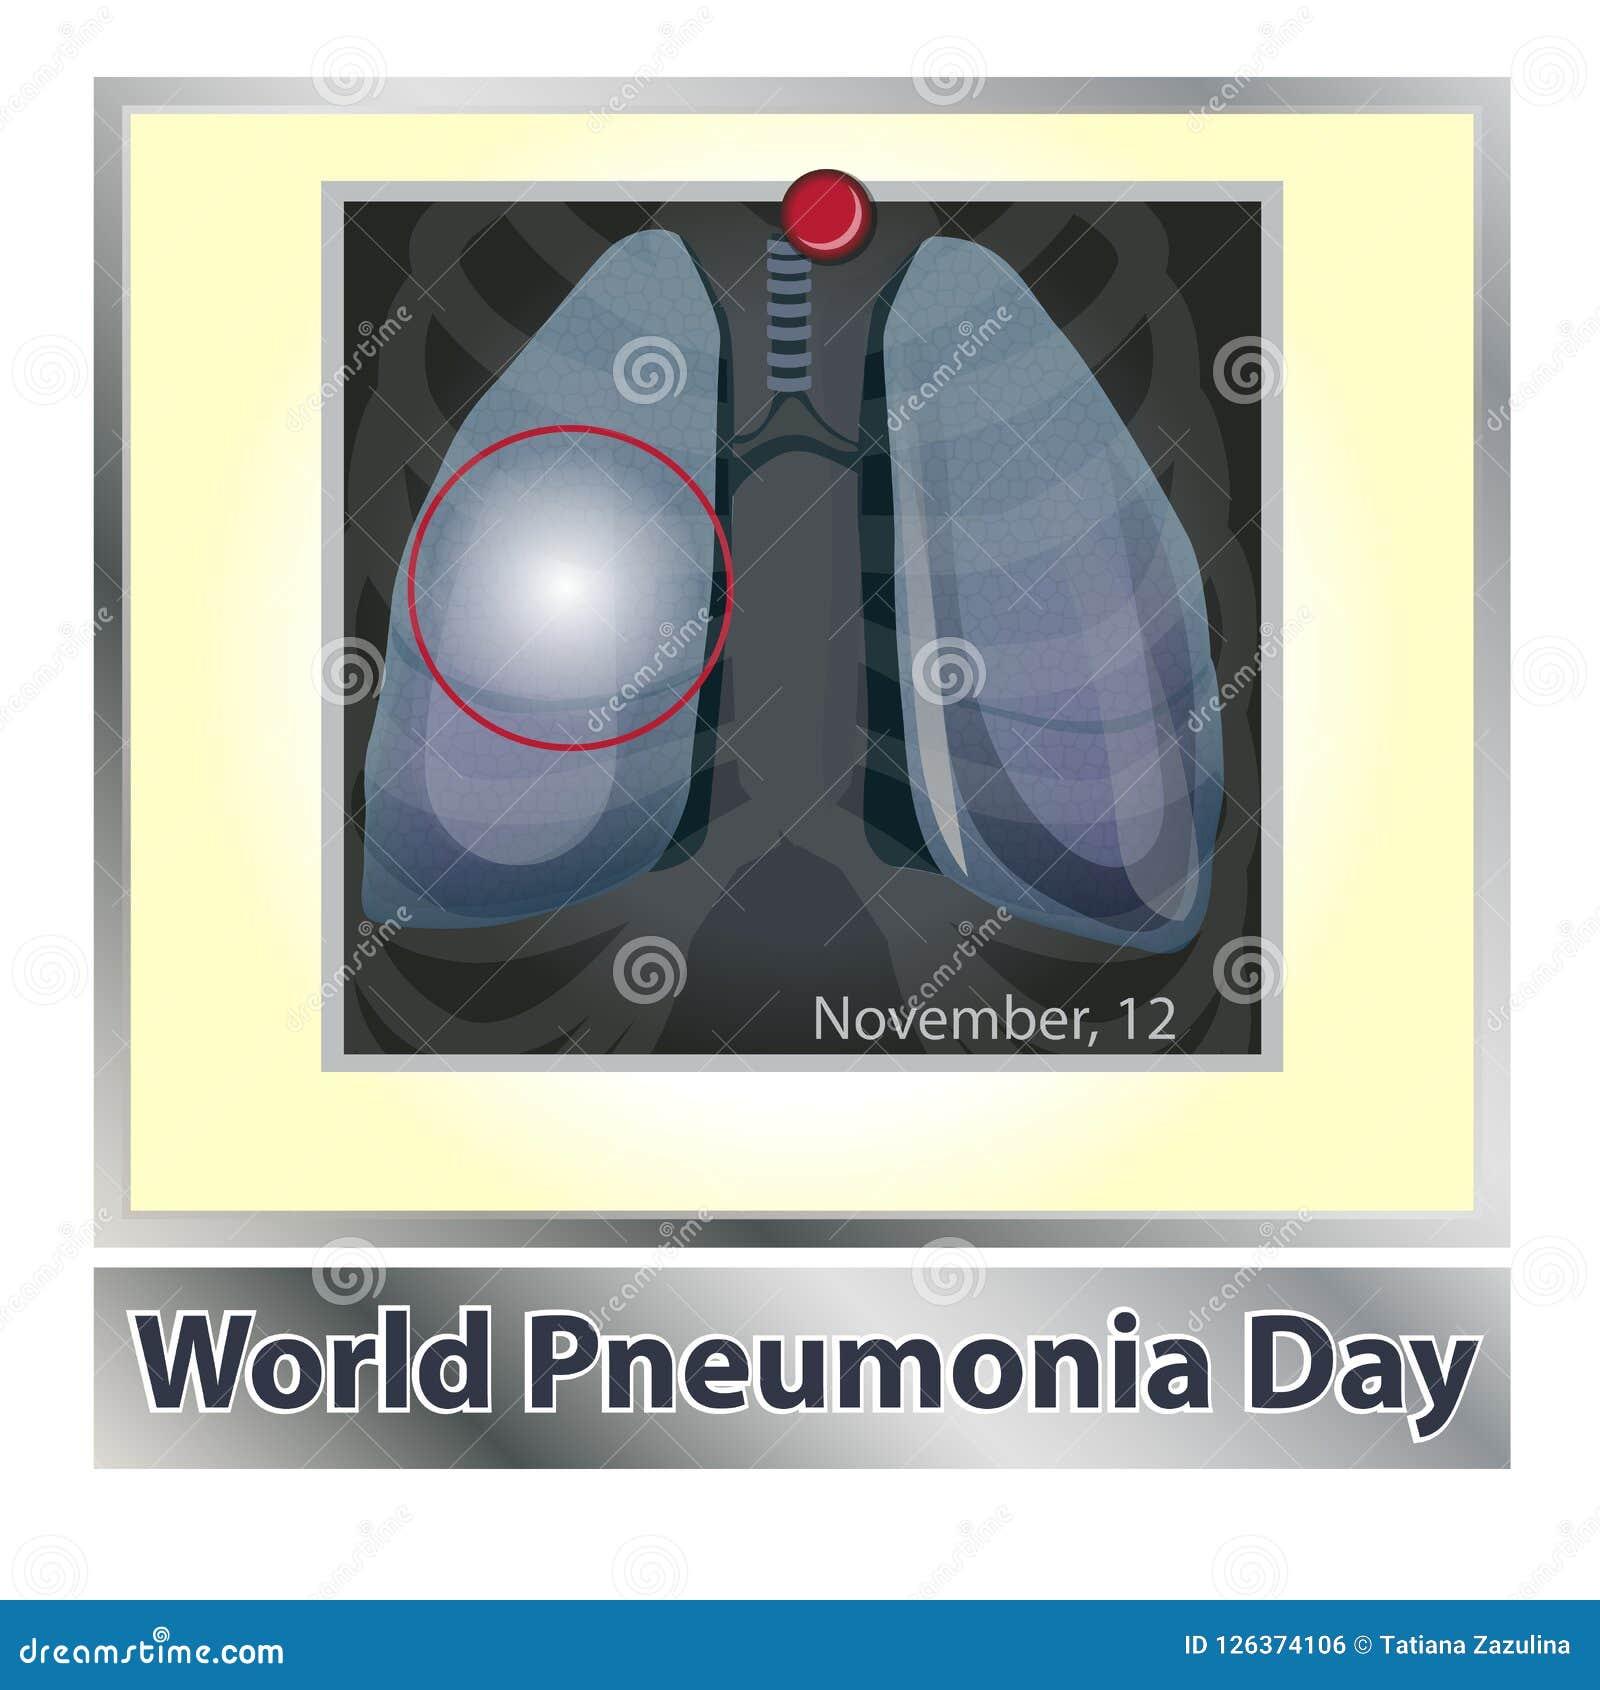 Symbollungenerkrankung atmung Atmungssystem Erkrankung der Atemwege - Krebsasthma, Tuberkulose, Pneumonie welt